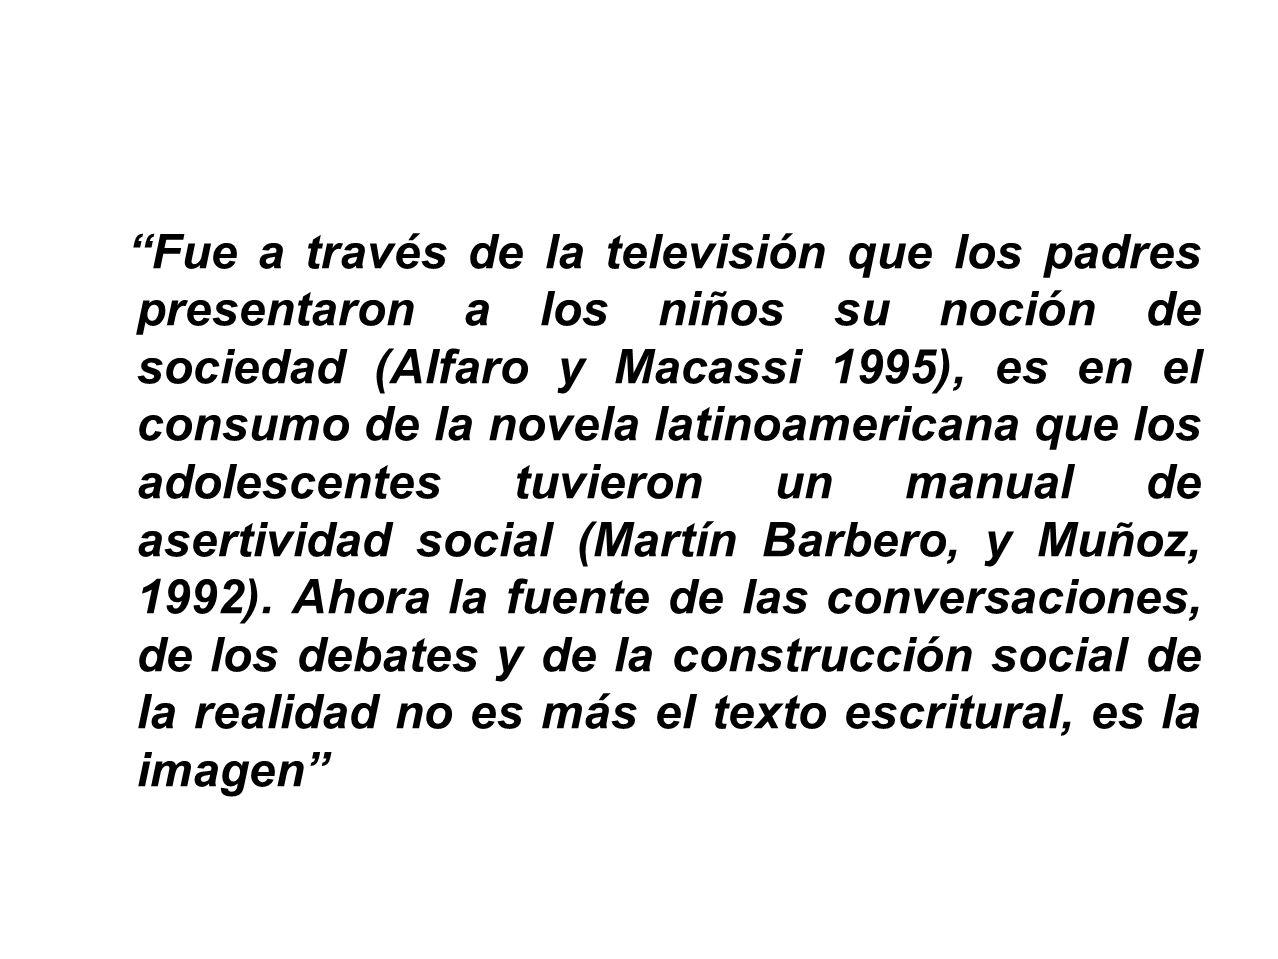 Fue a través de la televisión que los padres presentaron a los niños su noción de sociedad (Alfaro y Macassi 1995), es en el consumo de la novela lati